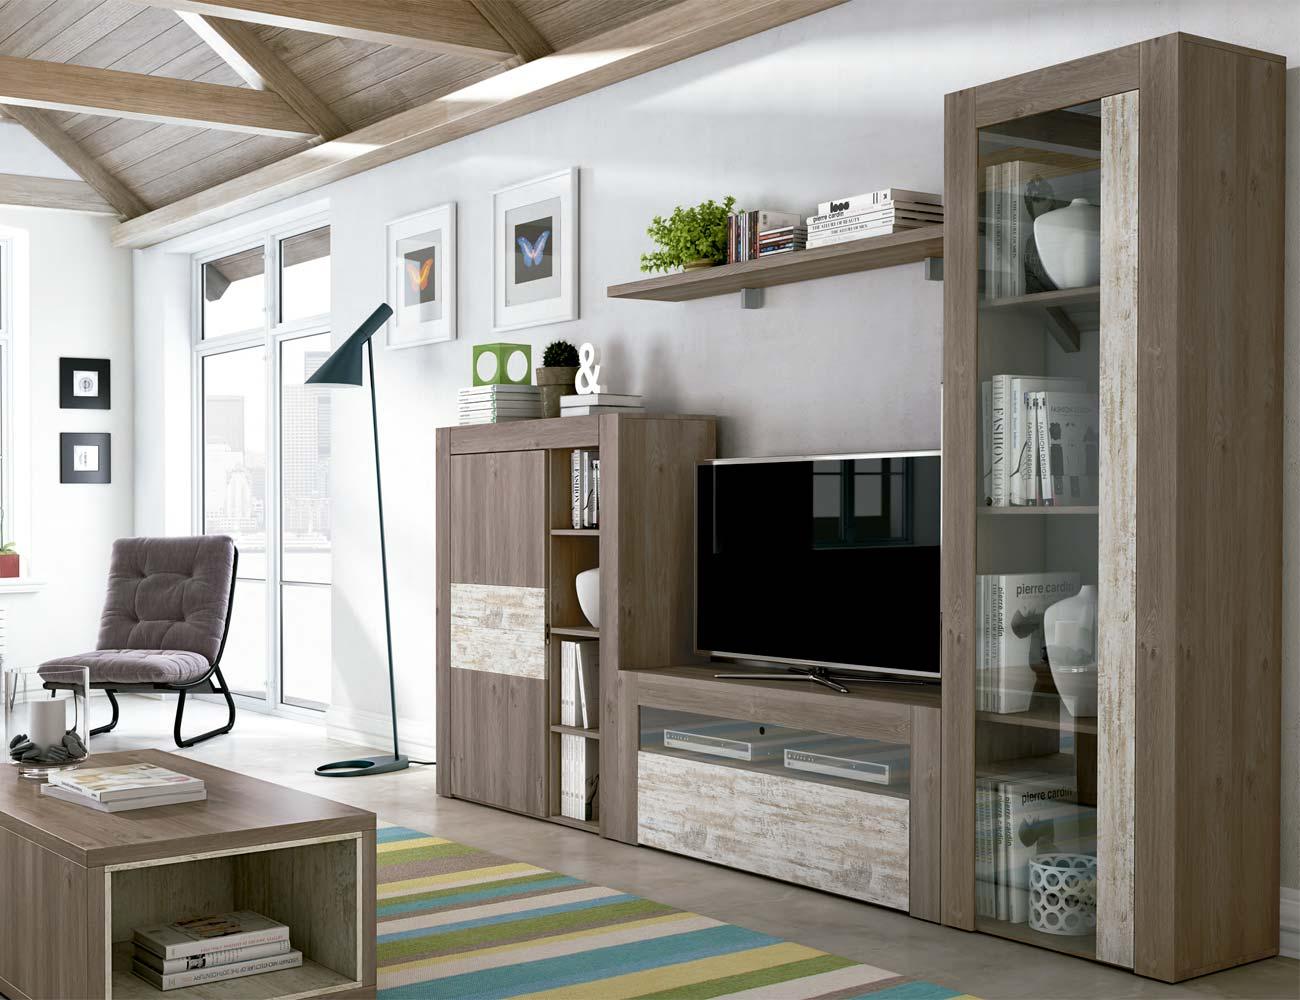 Mueble salon comedor estilo moderno color natural nature 09